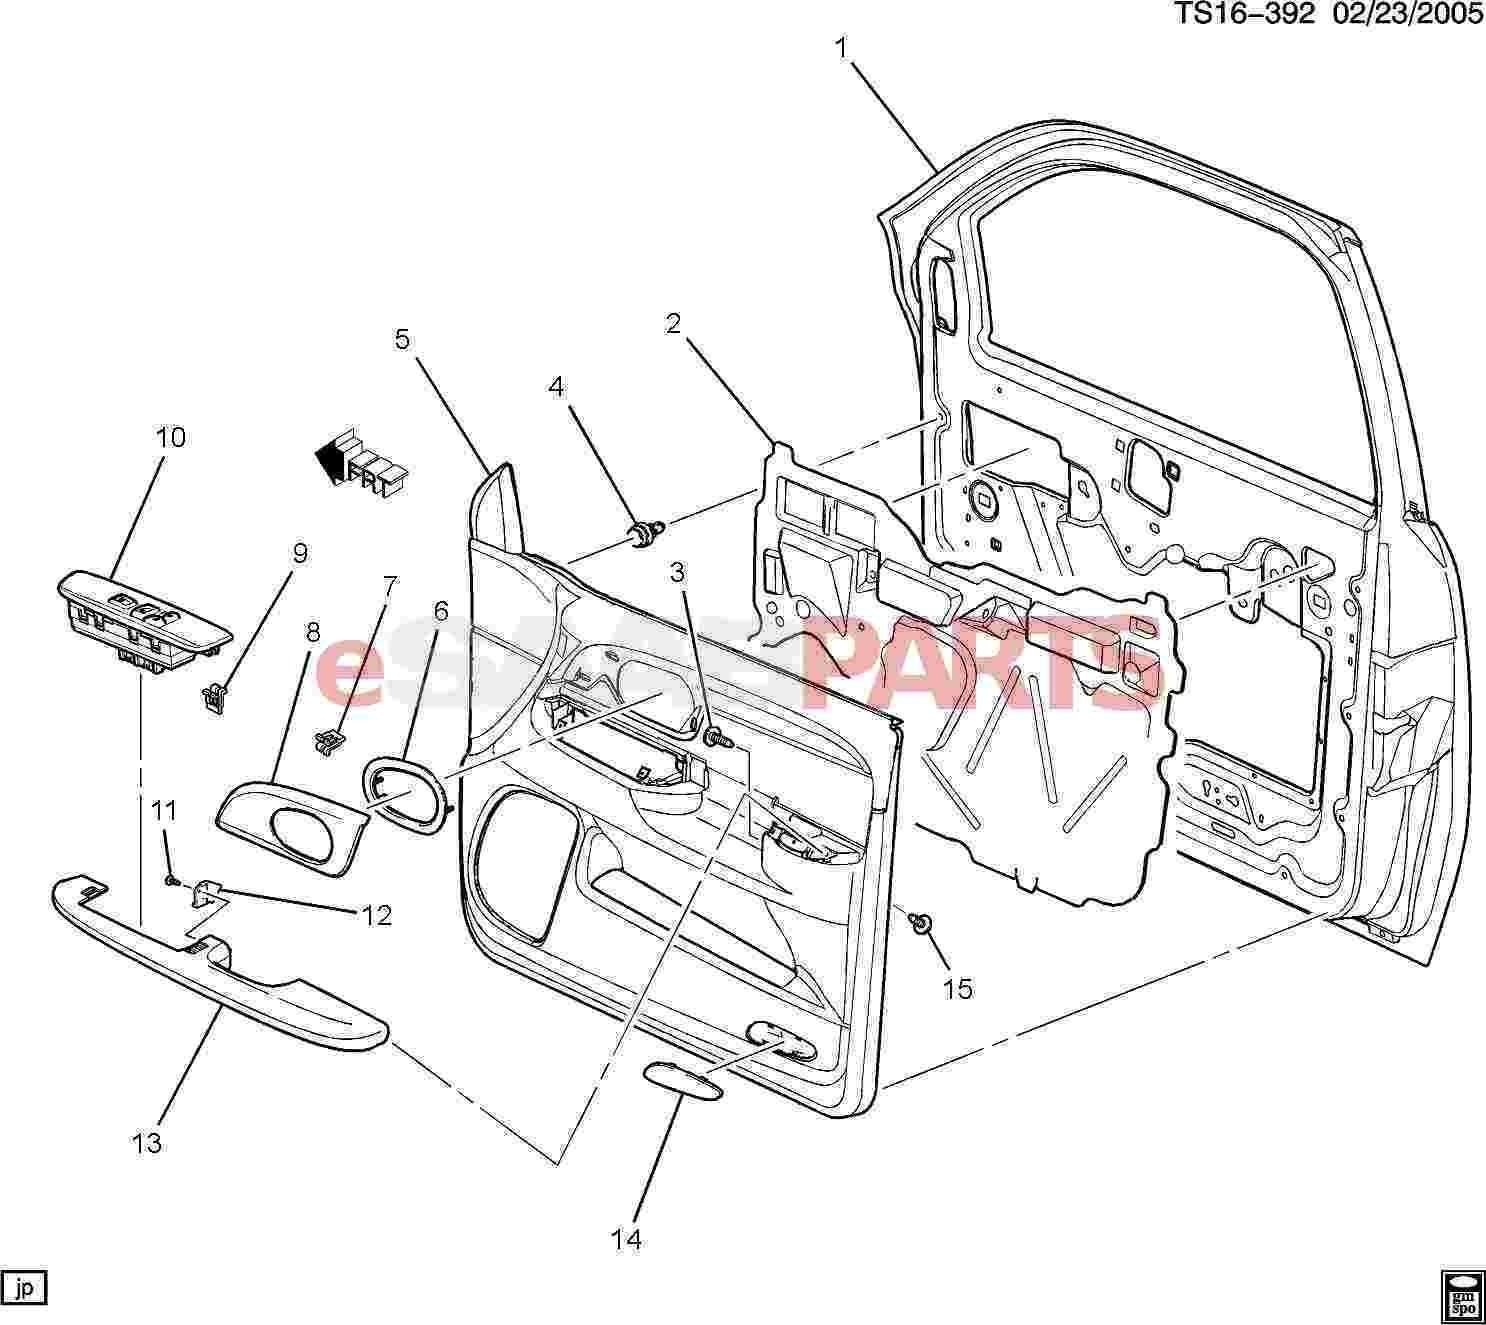 Diagram Of Car Engine Parts ] Saab Bolt Hwh with Fl Wa M4 2×1 41×20 ...